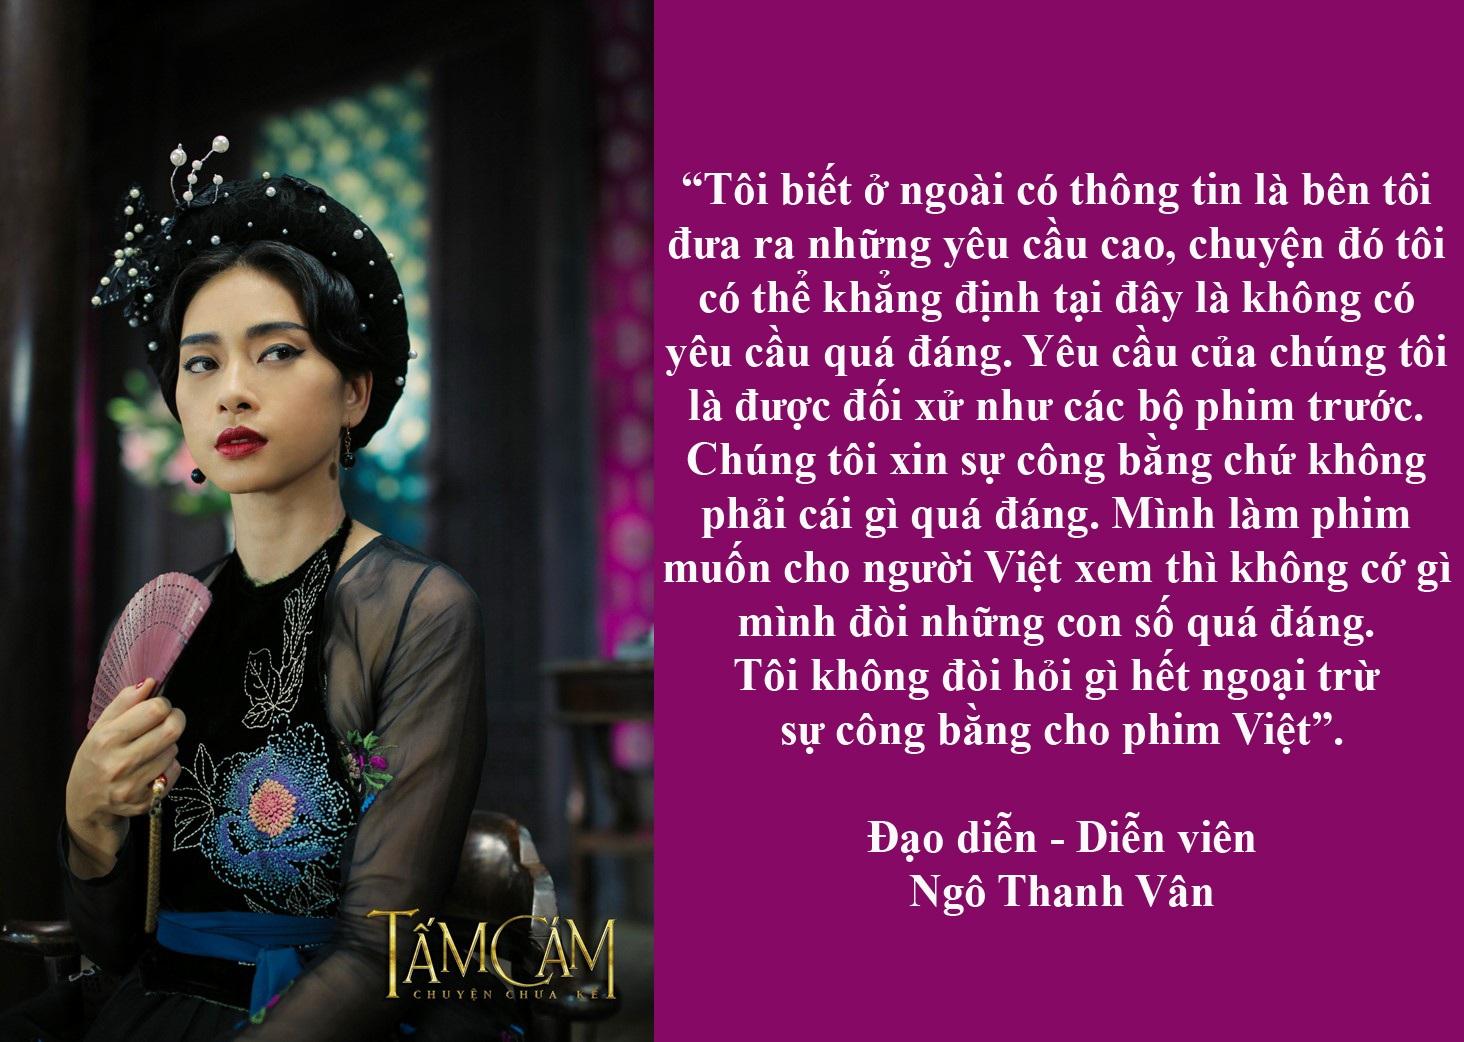 """Vì sao CGV không phát hành phim """"Tấm Cám - Chuyện chưa kể""""? - Trong buổi họp báo chiều 17/8 tại TPHCM, nhà sản xuất, đạo diễn Ngô Thanh Vân đã bật khóc khi chia sẻ rằng bộ phim không được phát hành tại cụm rạp của CGV. Tuy nhiên, phía CGV Việt Nam cho biết đơn vị này không từ chối chiếu phim Tấm Cám - Chuyện chưa kể. Thực hư ra sao?"""